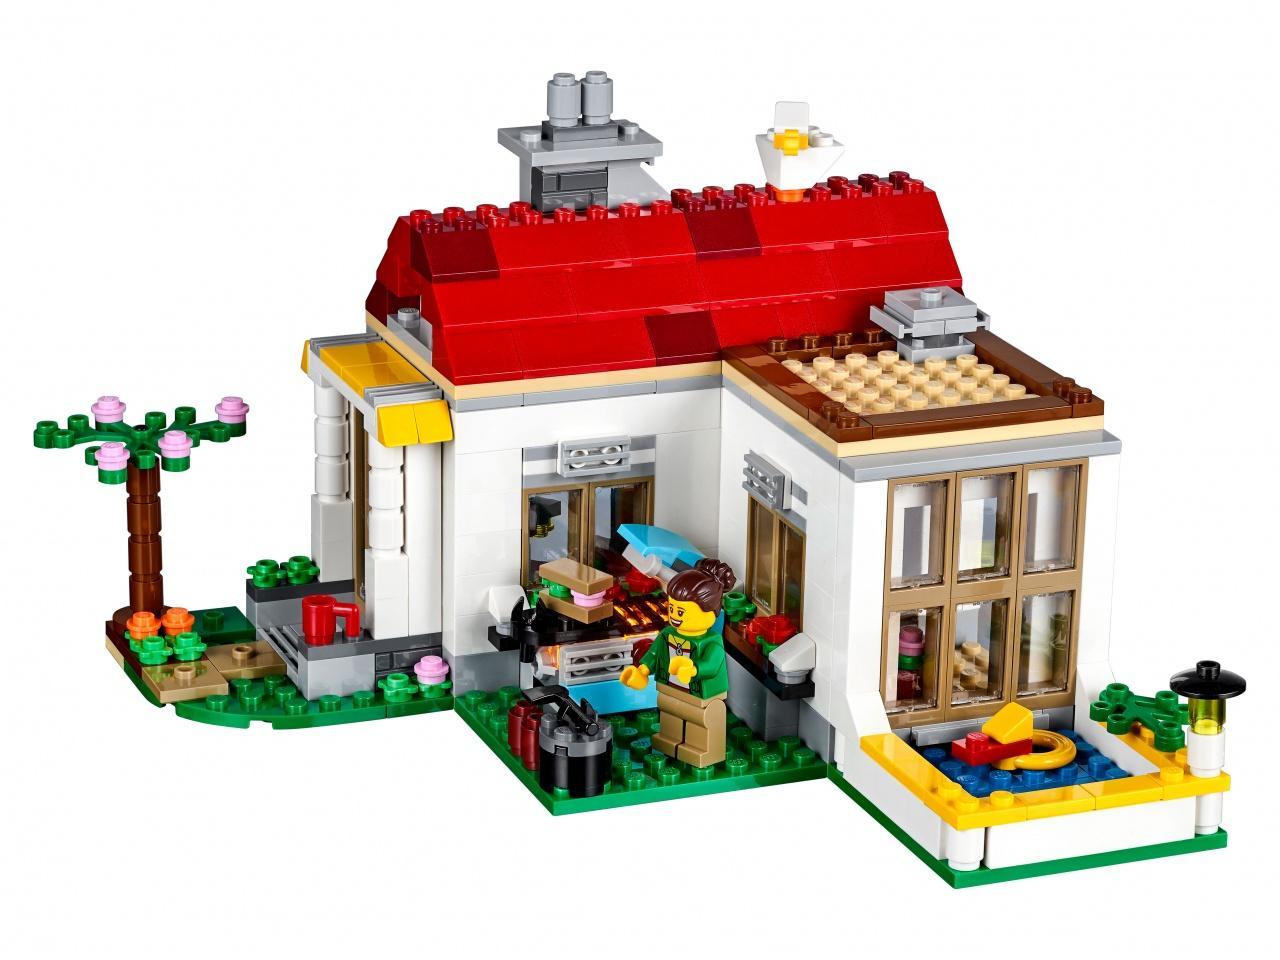 Дом из лего в натуральную величину фото фотографию